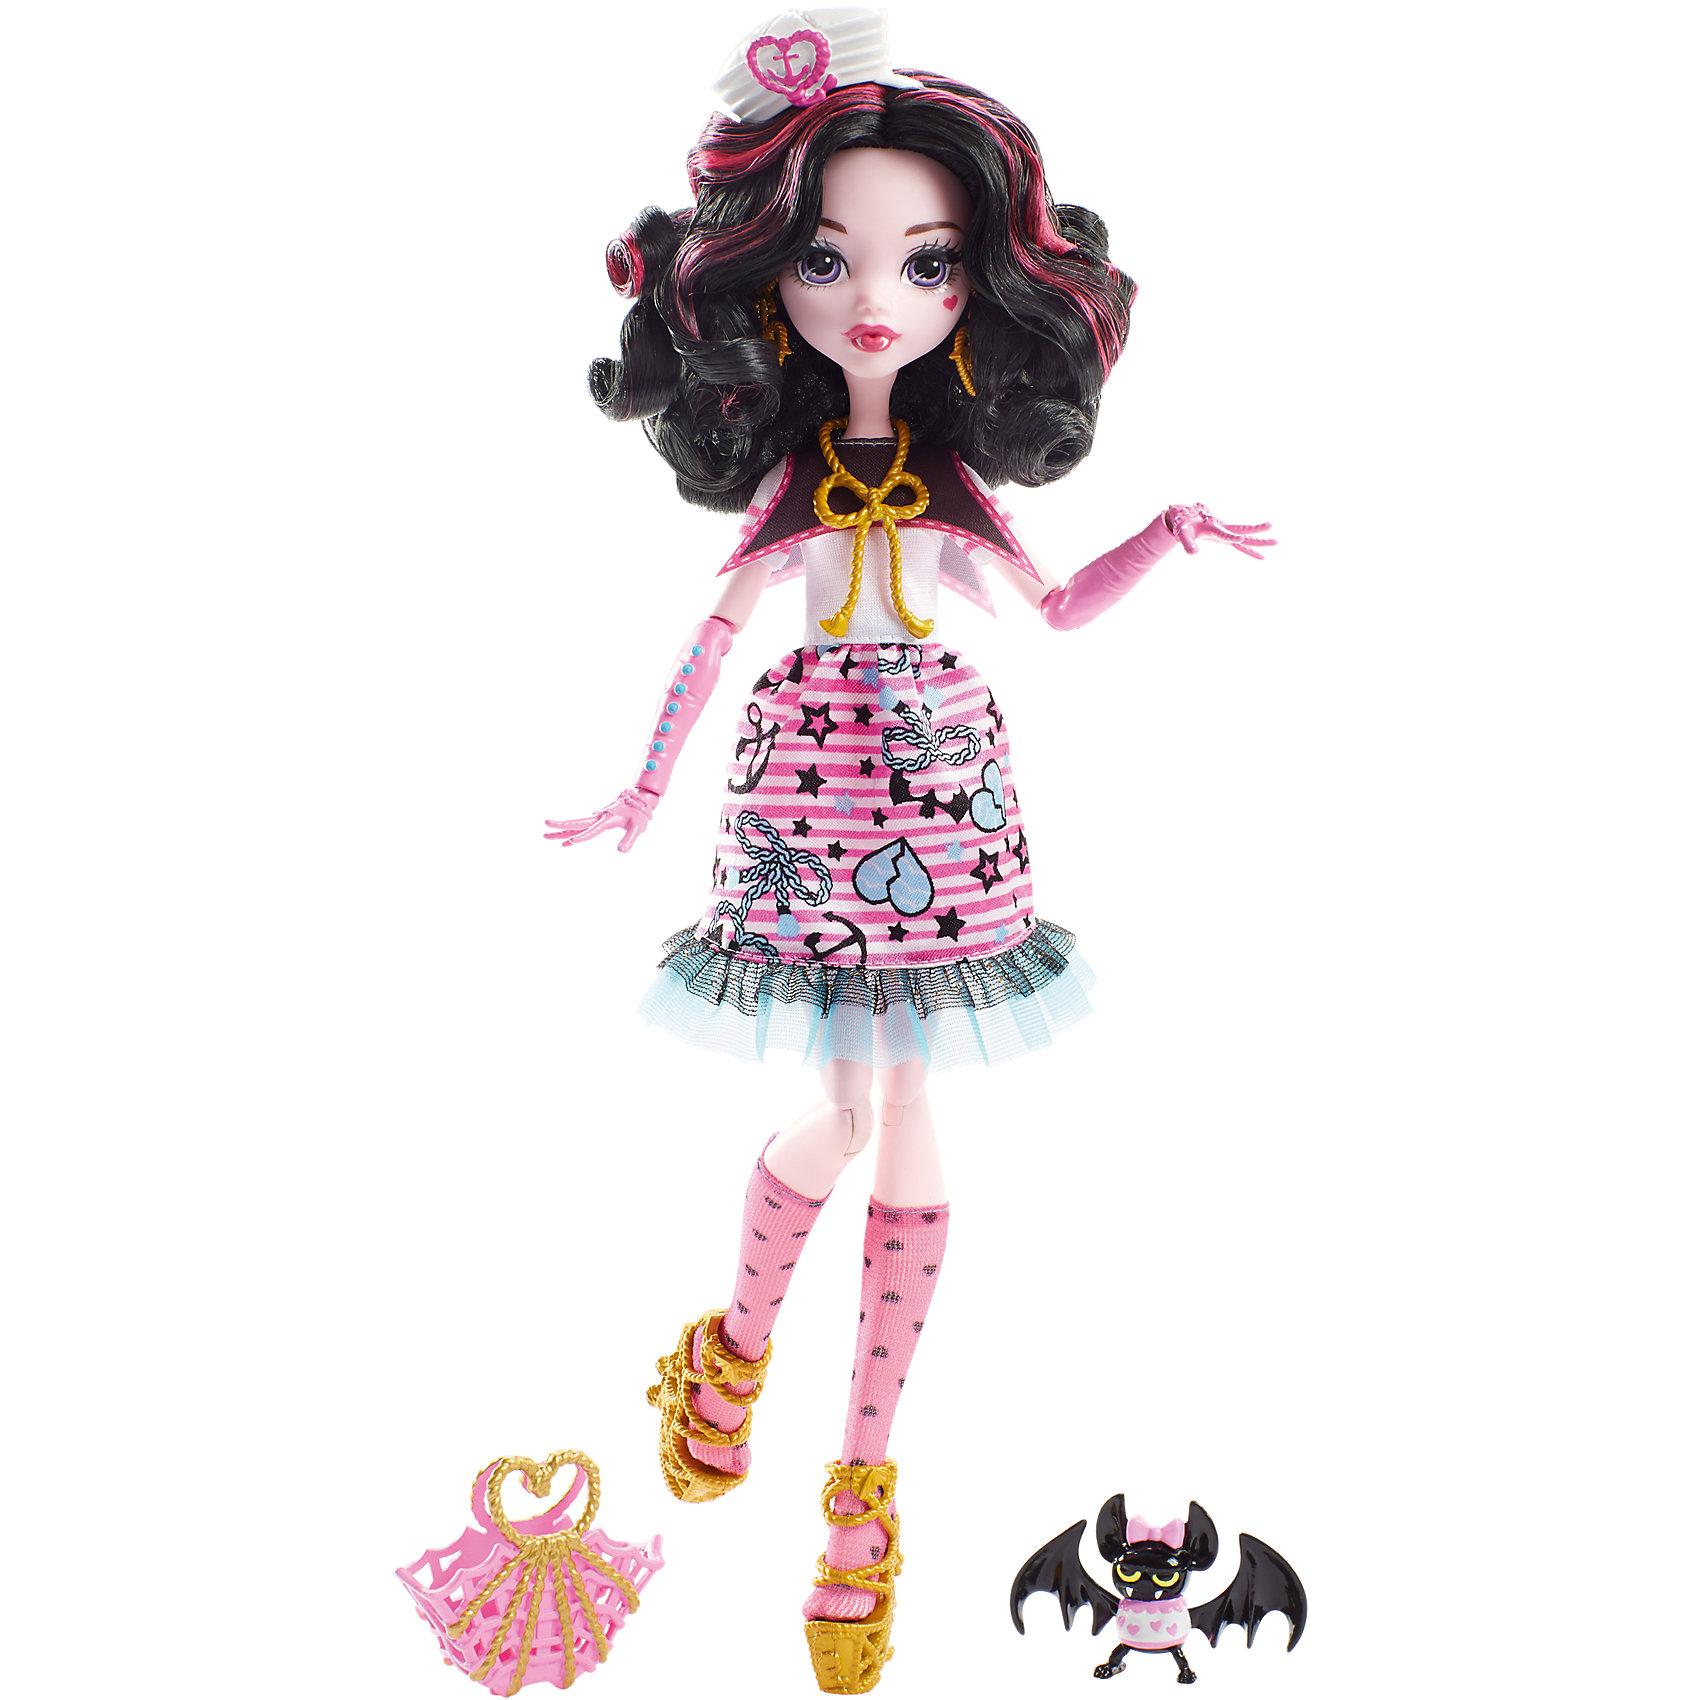 Mattel Кукла Дракулаура из серии Пиратская авантюра, Monster High monster high кукла дракулаура цвет платья розовый черный